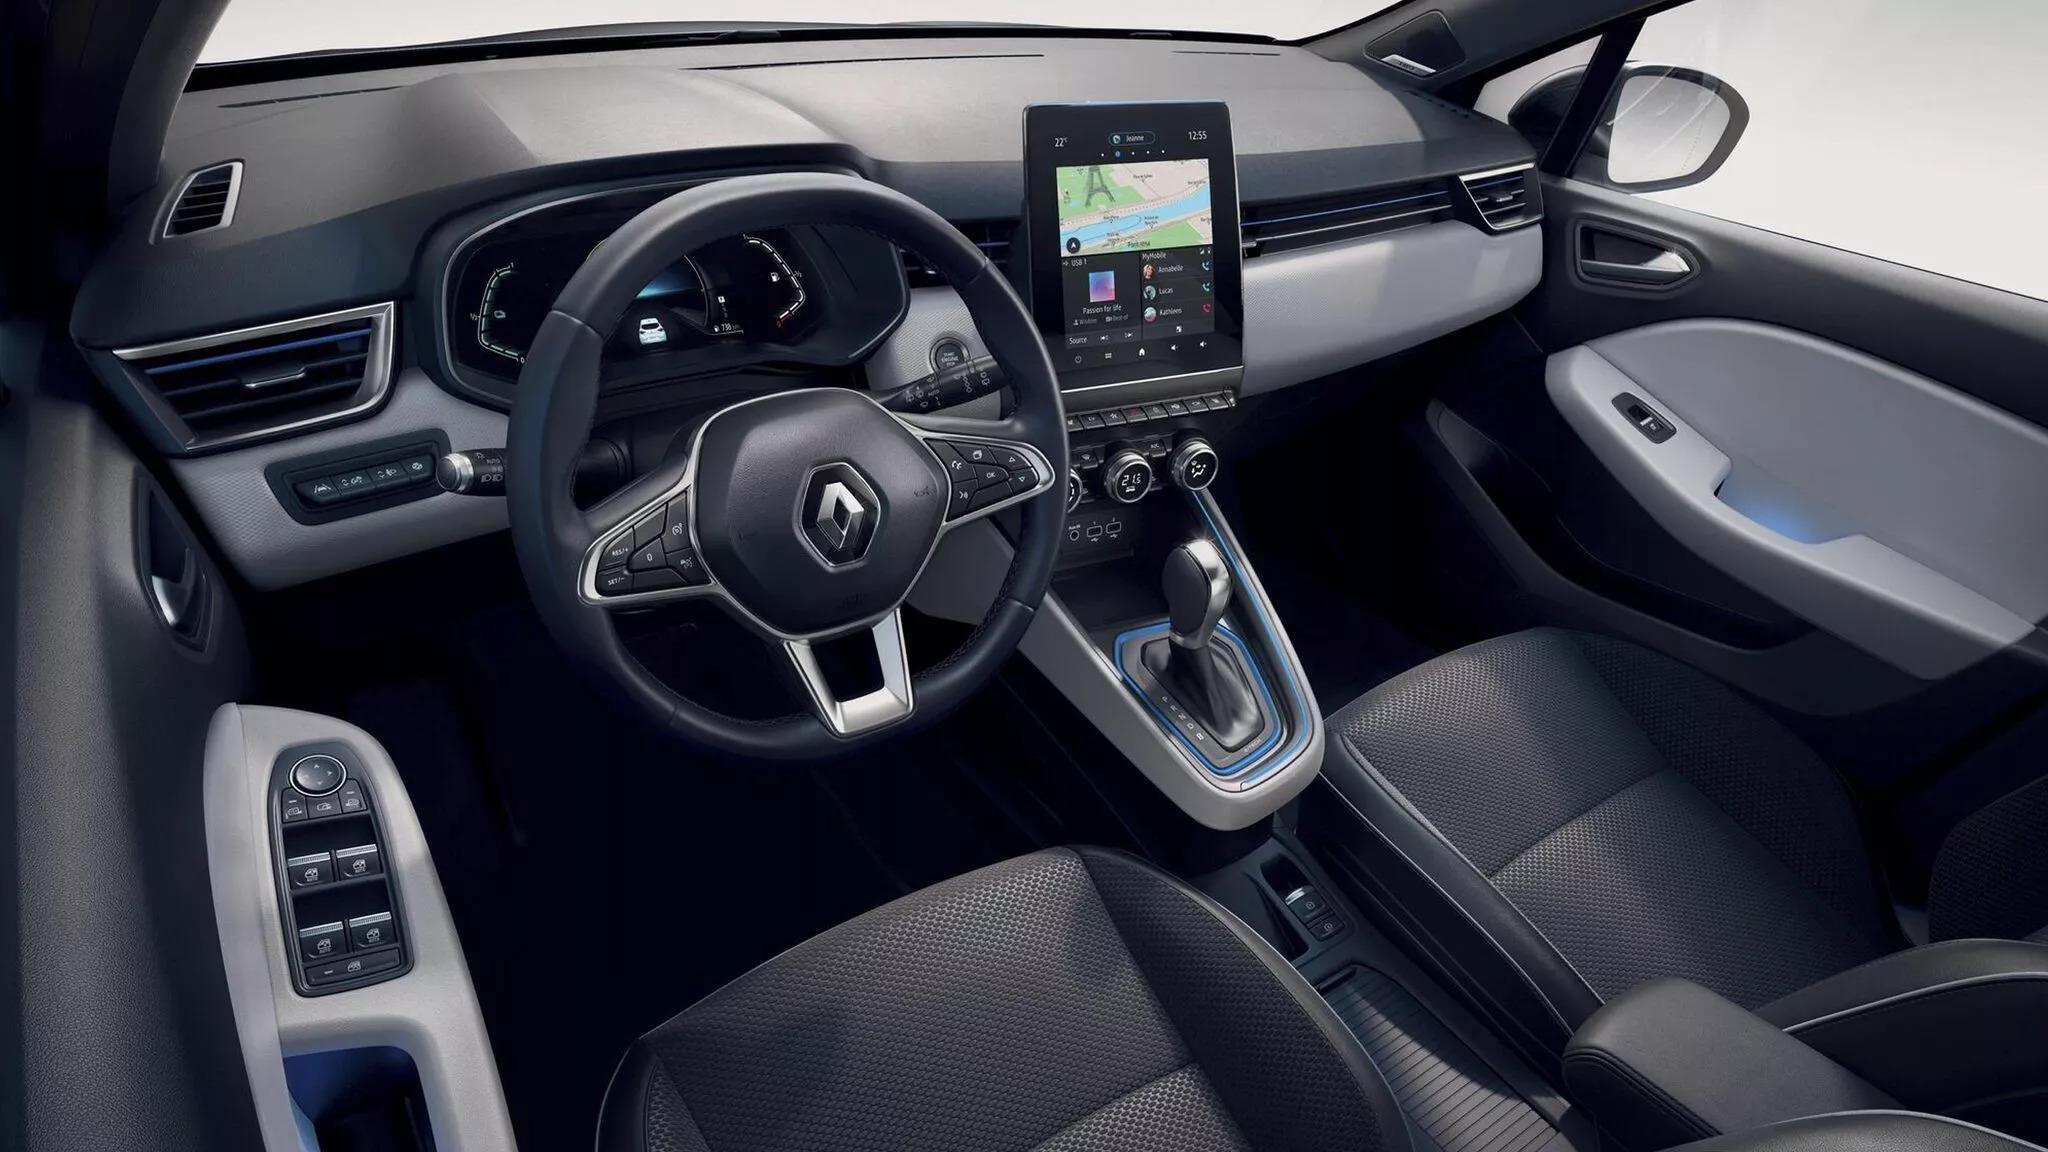 RODA Auto - Renault Clio Hybride gamme E-TECH - Nîmes (30)